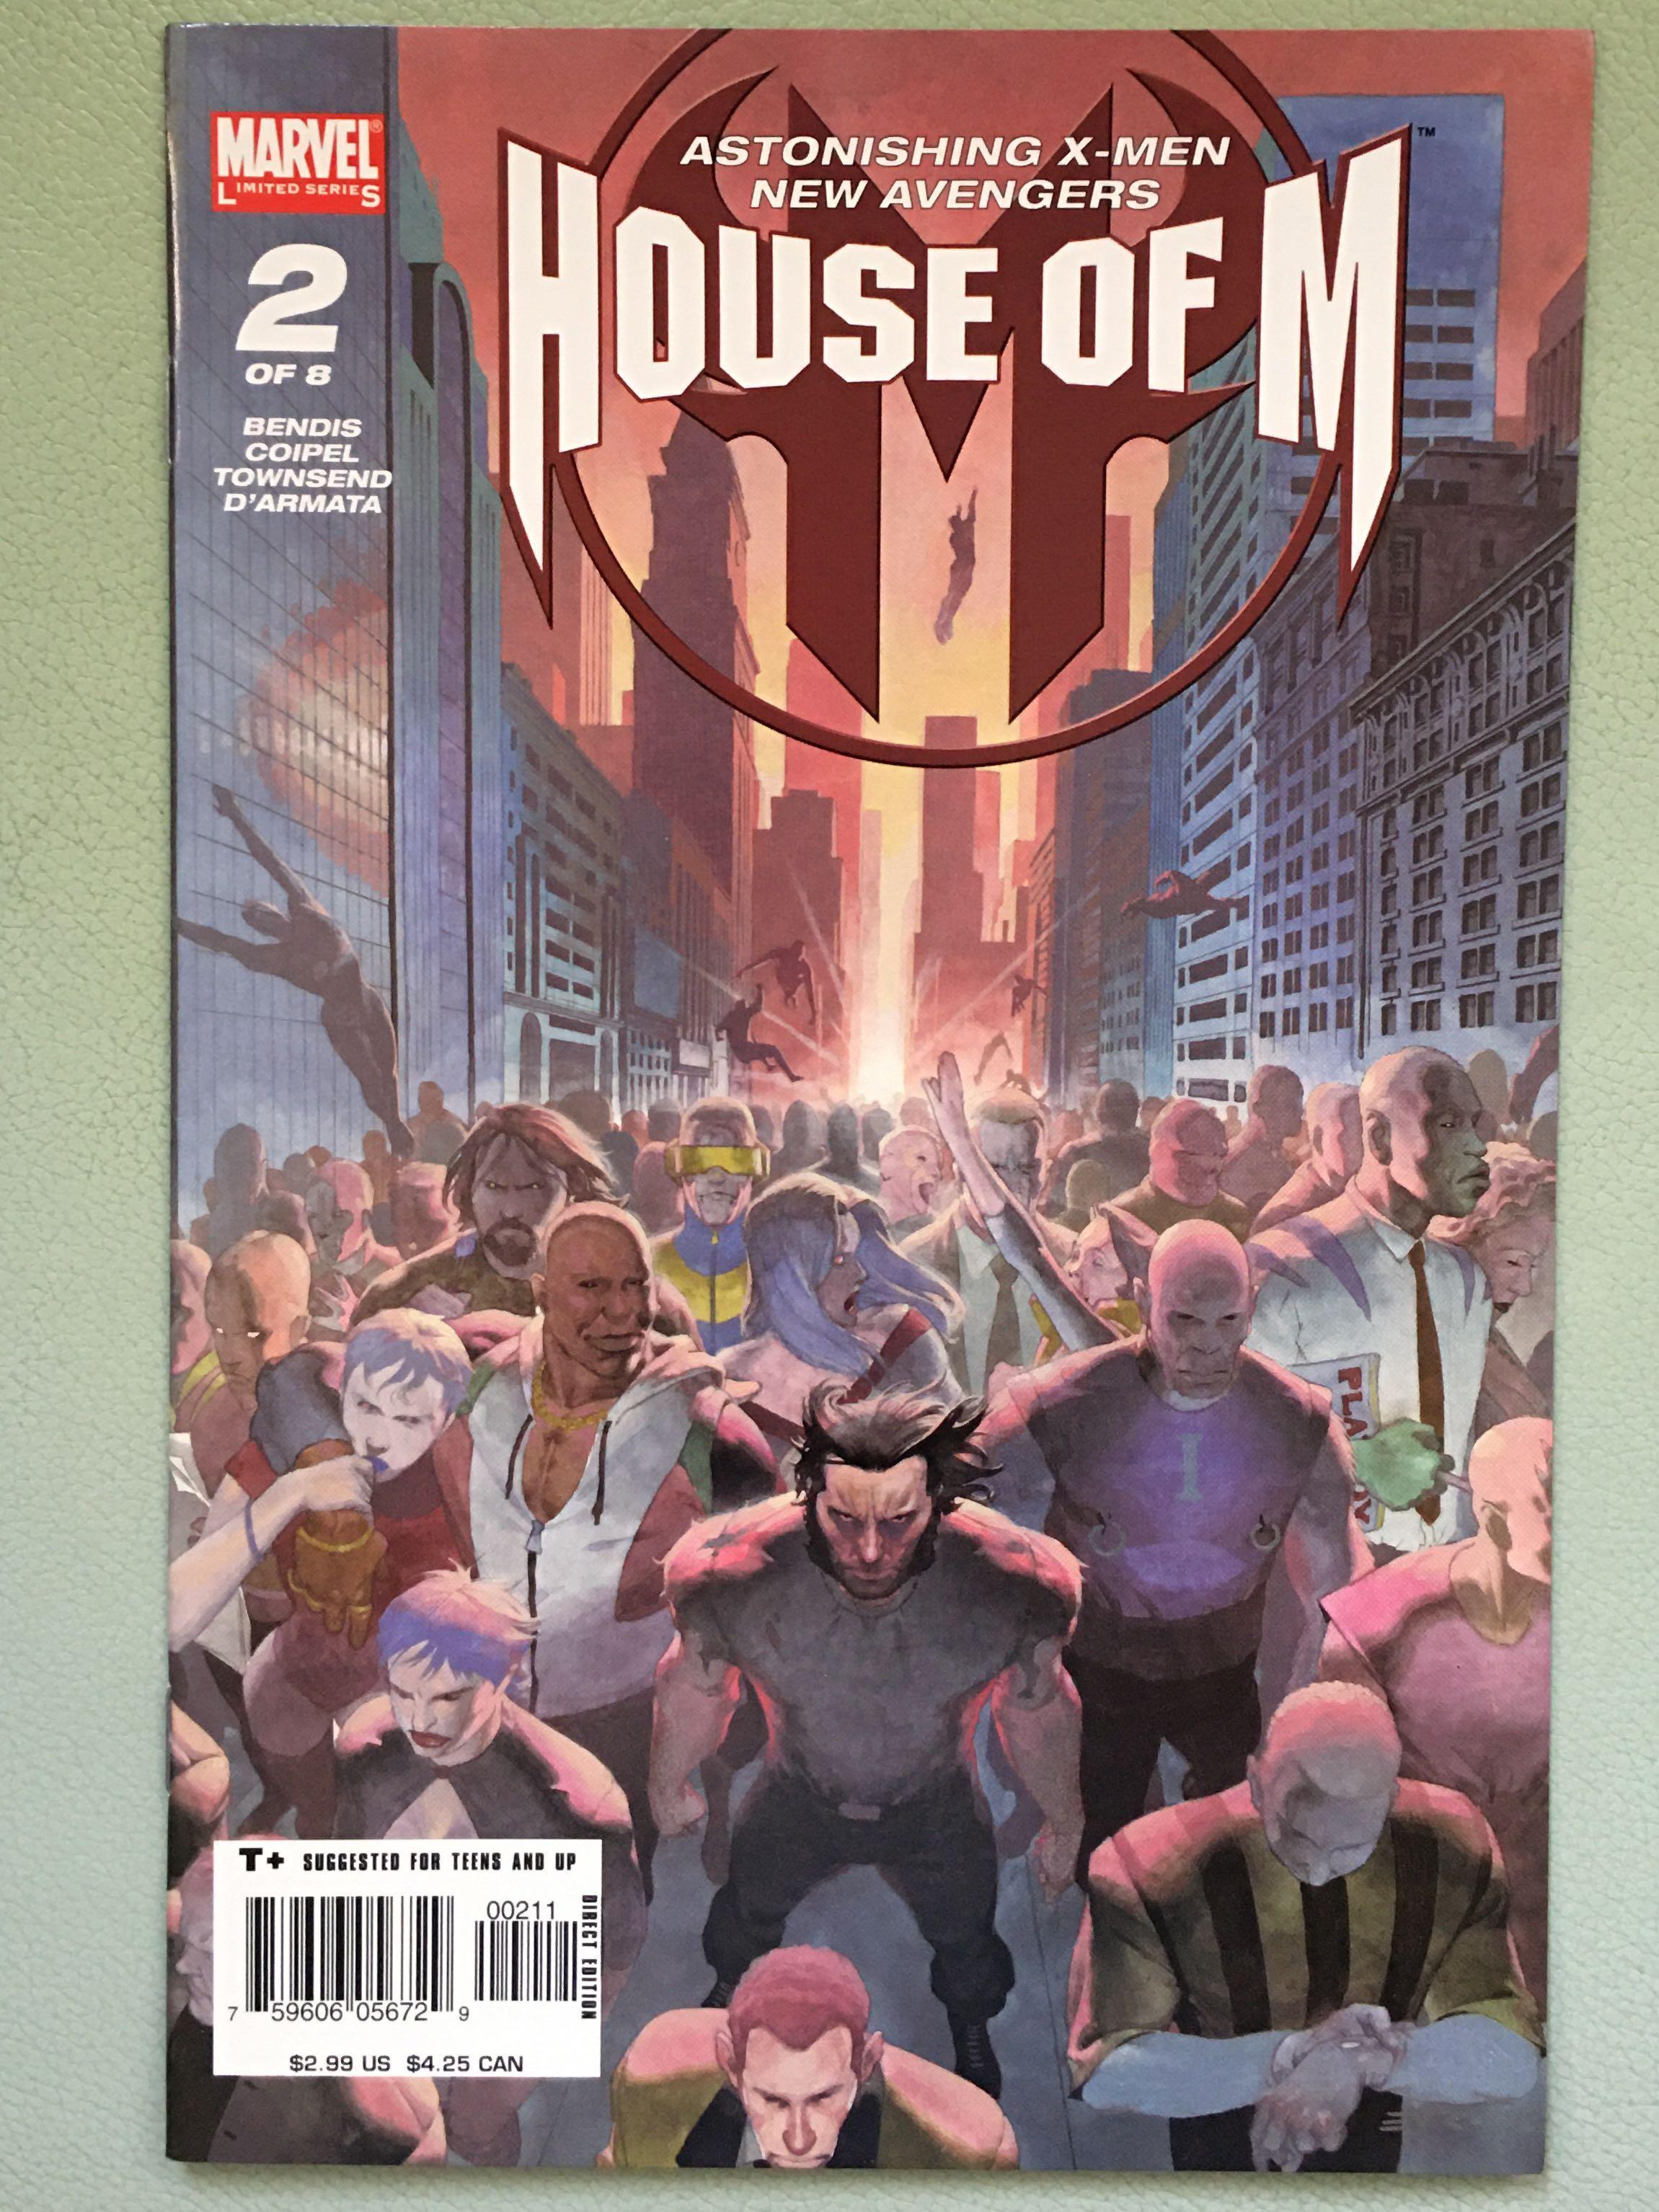 HOUSE Of M #2: Astonishing X-Men/New Avengers_Olivier Coipel,art